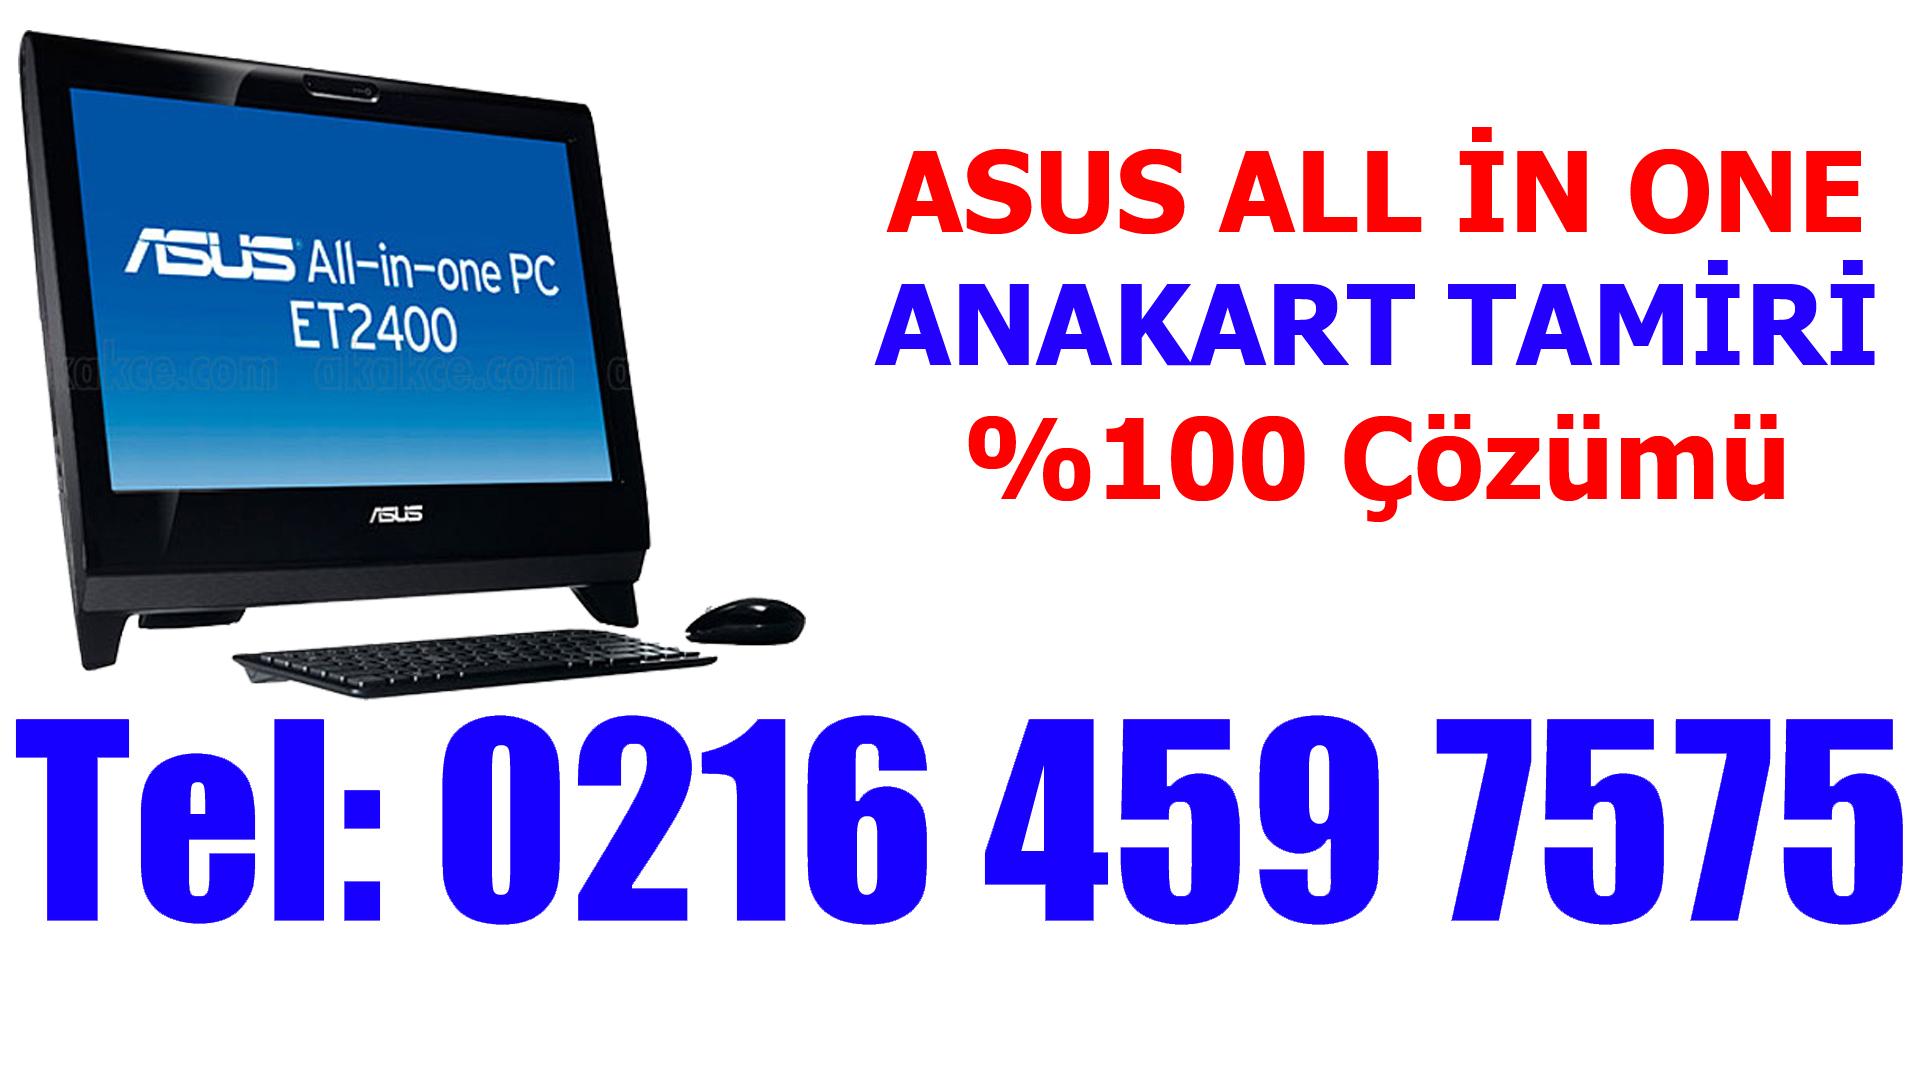 Asus All in One Anakart Tamiri ve Değişimi